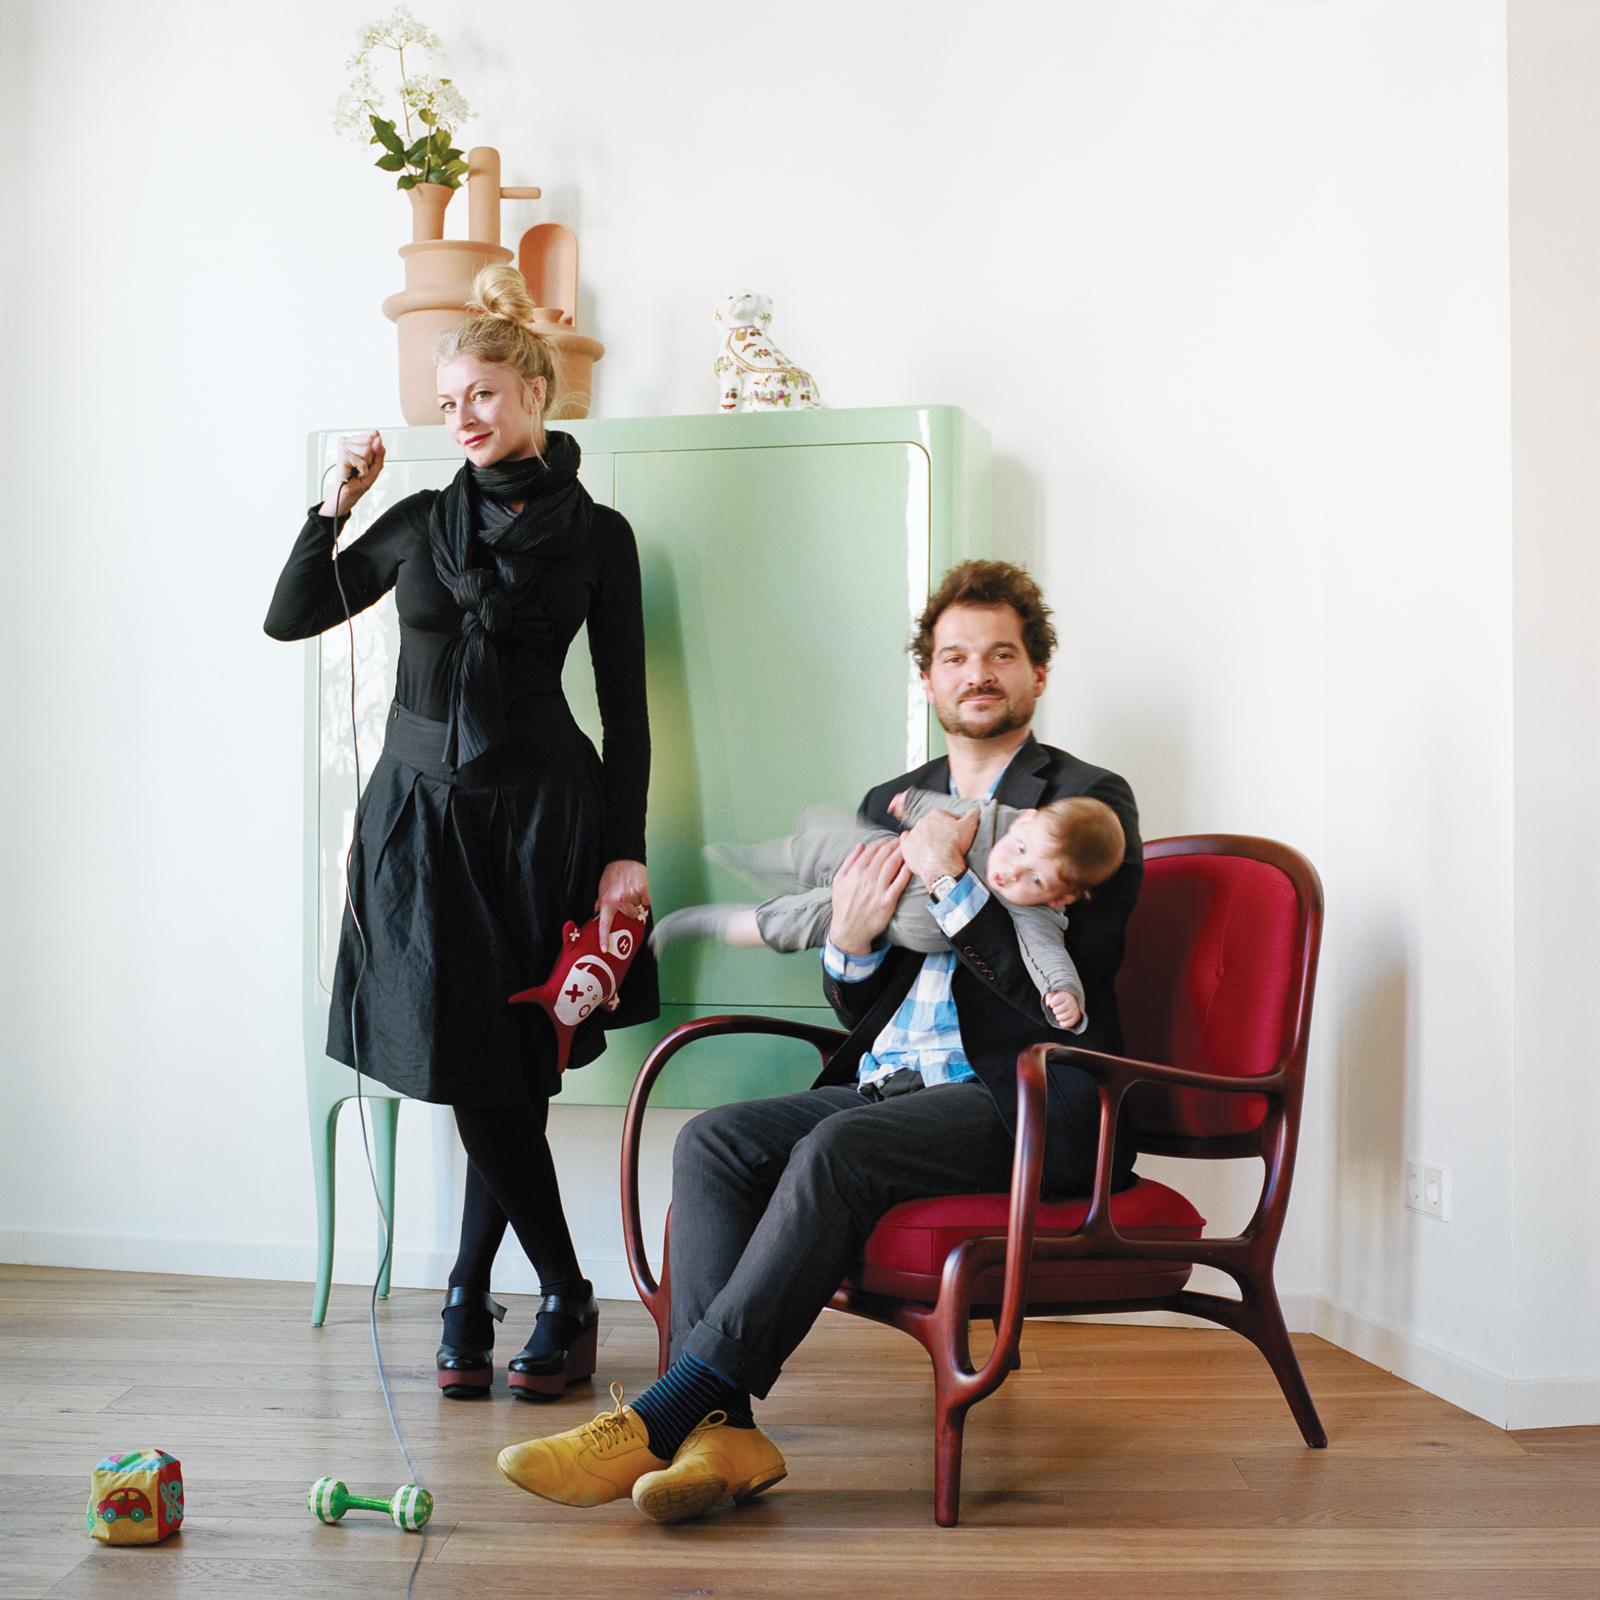 Nienke Klunder and Jaime Hayon at home